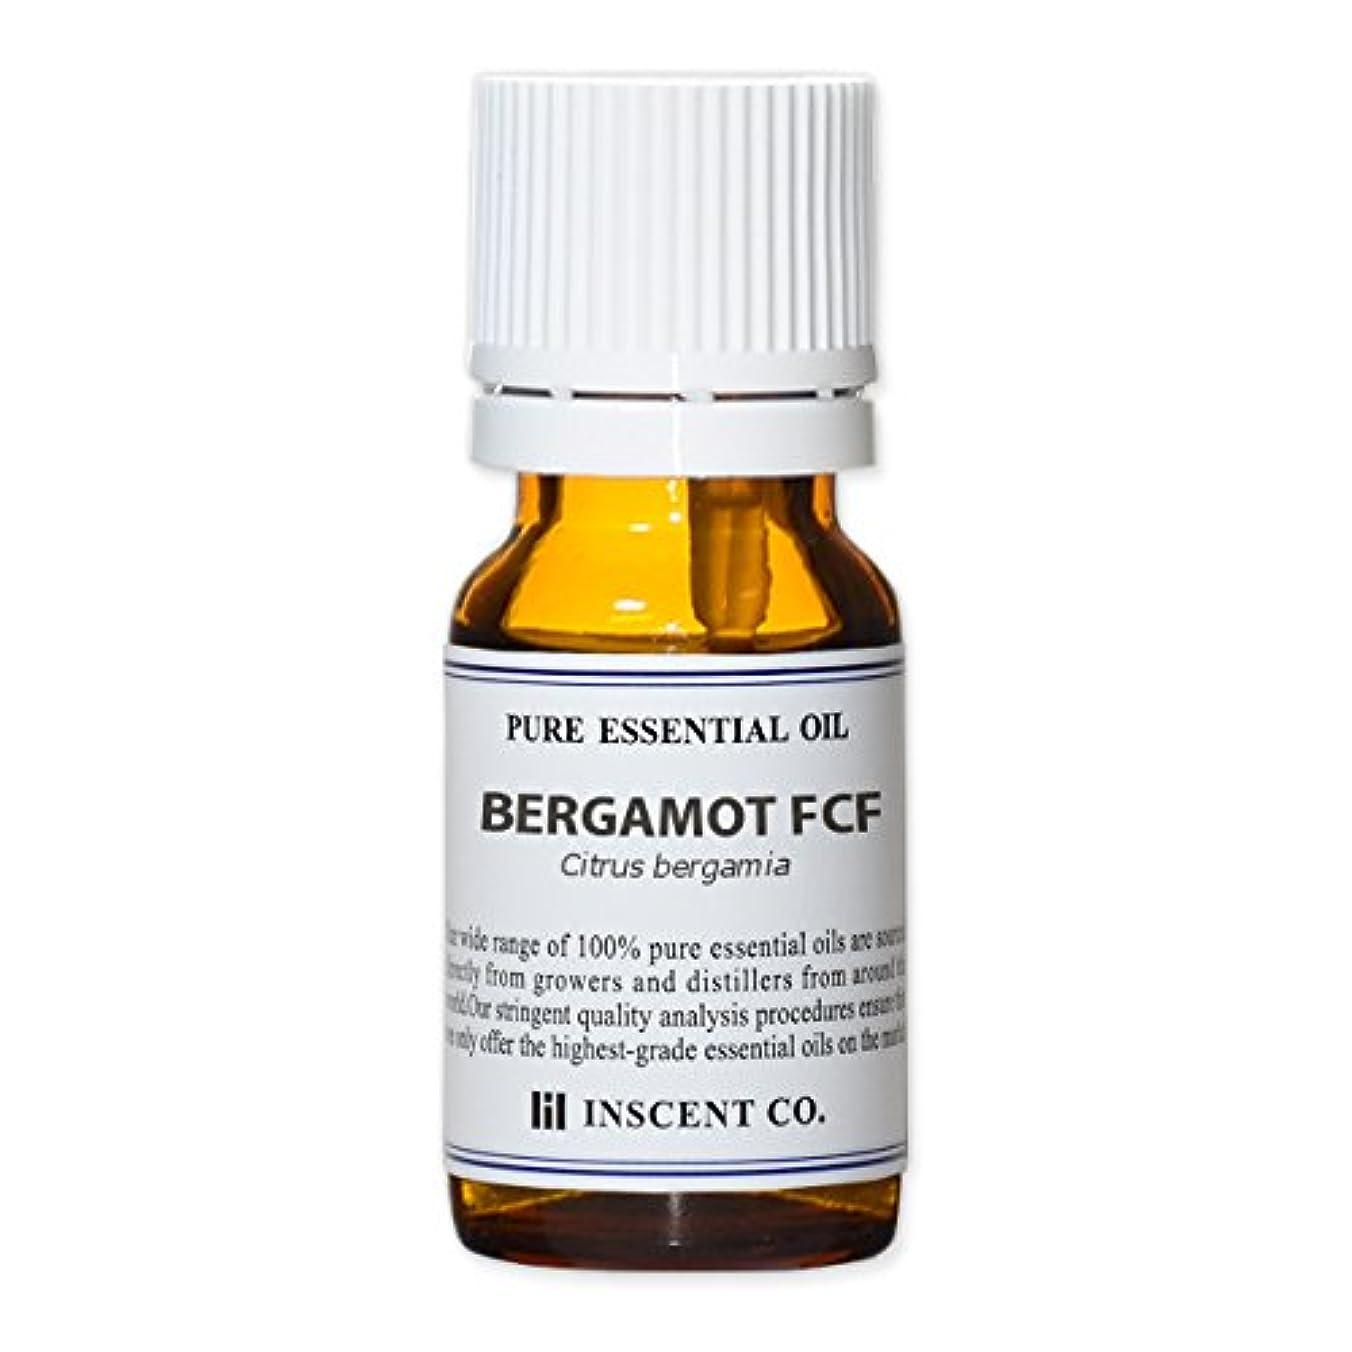 ベルガモットFCF (ベルガプテンフリー) 10ml インセント アロマオイル AEAJ 表示基準適合認定精油 (フロクマリンフリー)